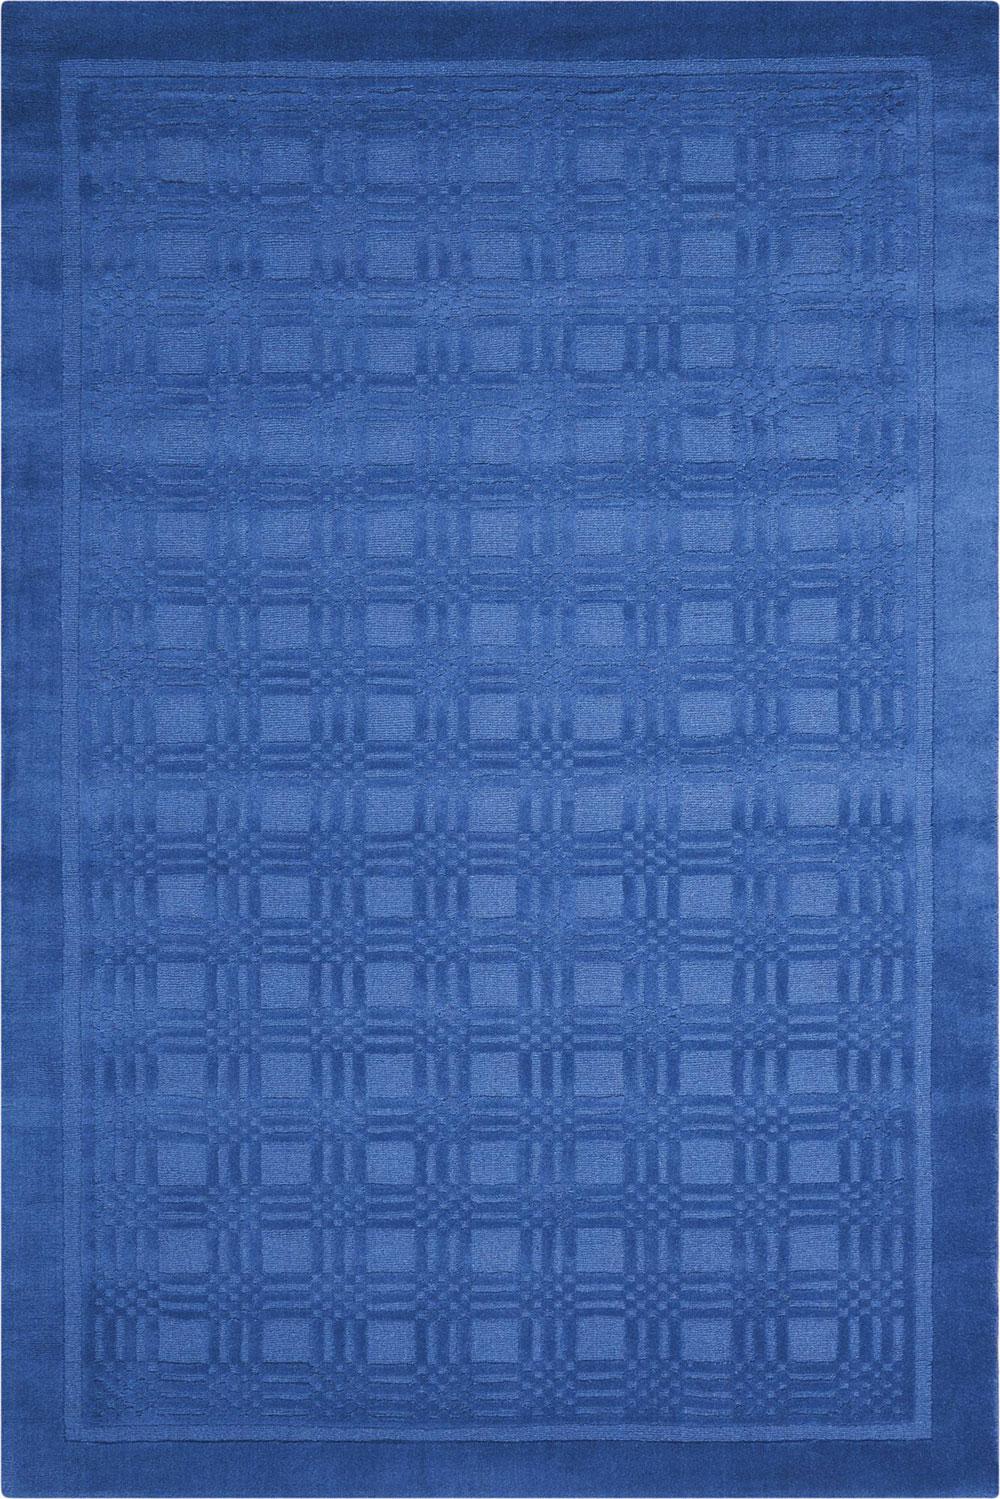 Nourison WESTPORT WP32 BLUE Rug